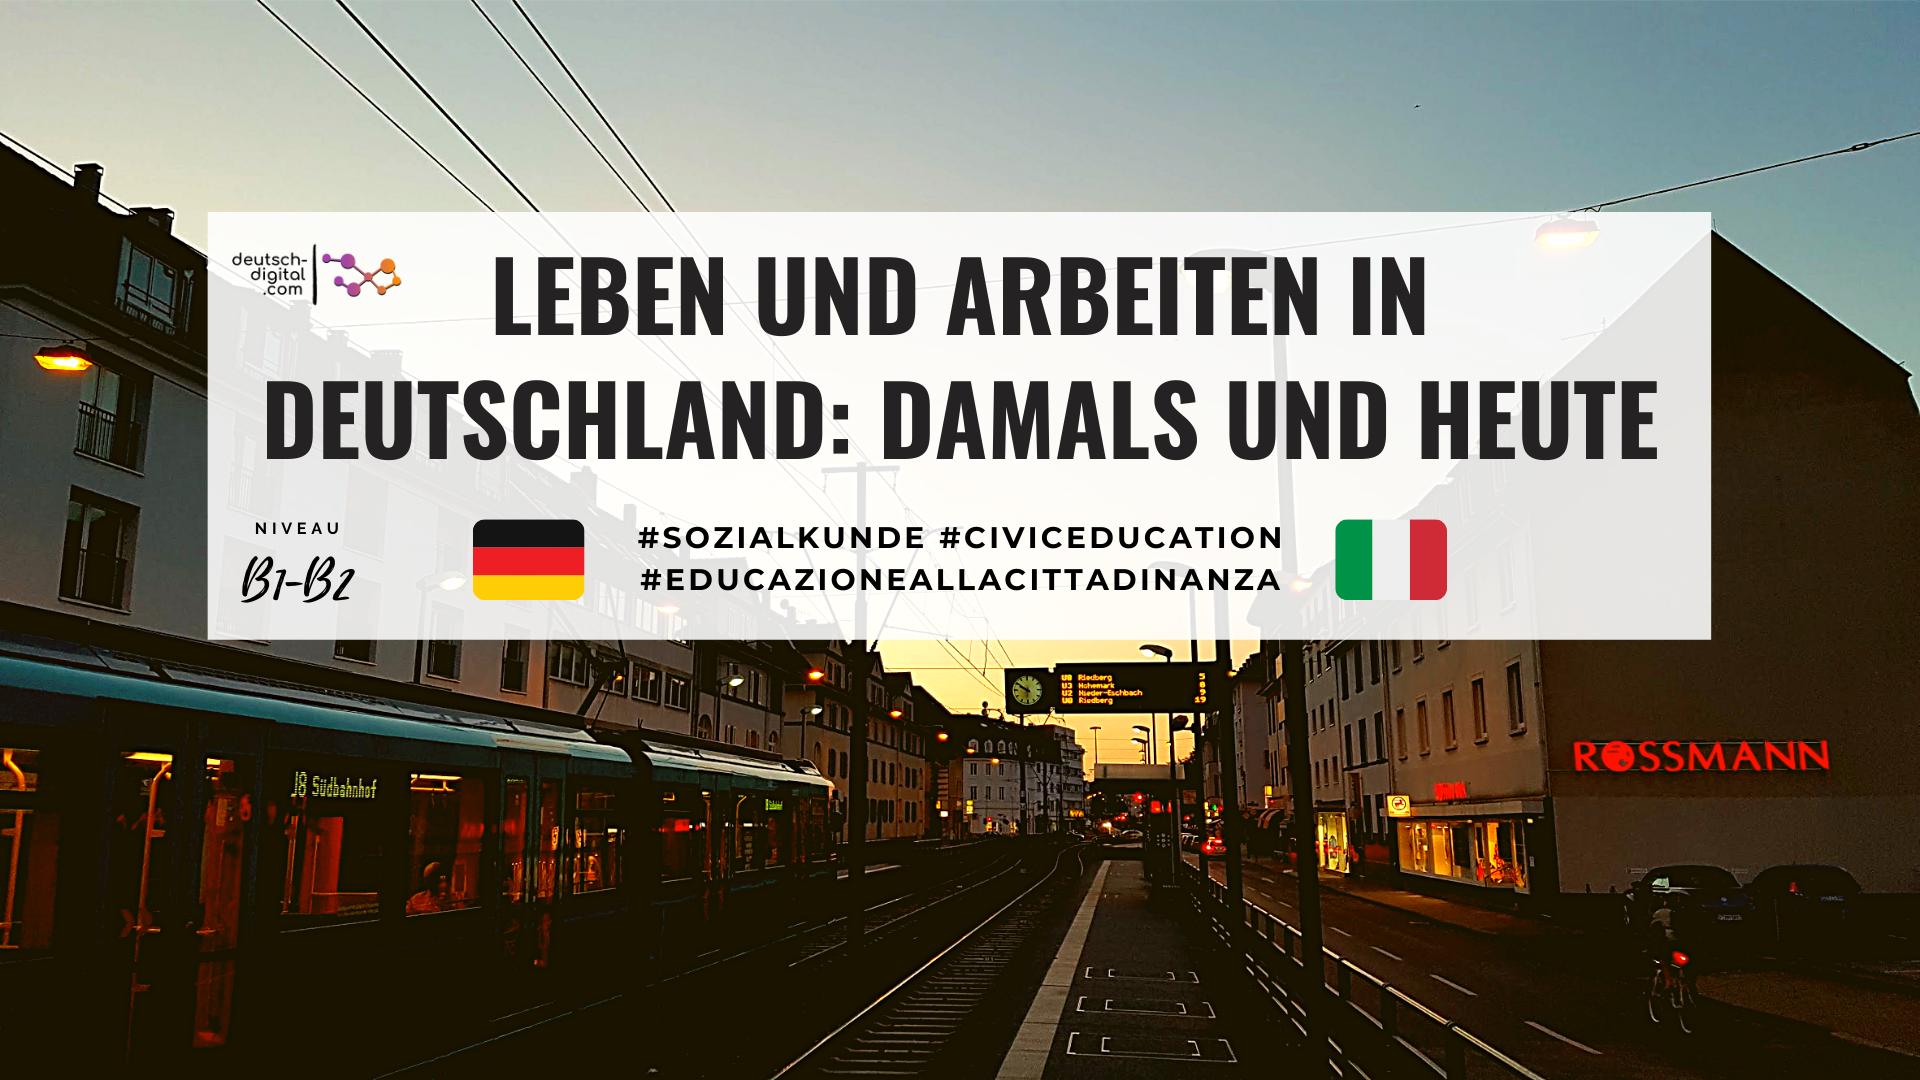 Leben und arbeiten in Deutschland: Damals und heute